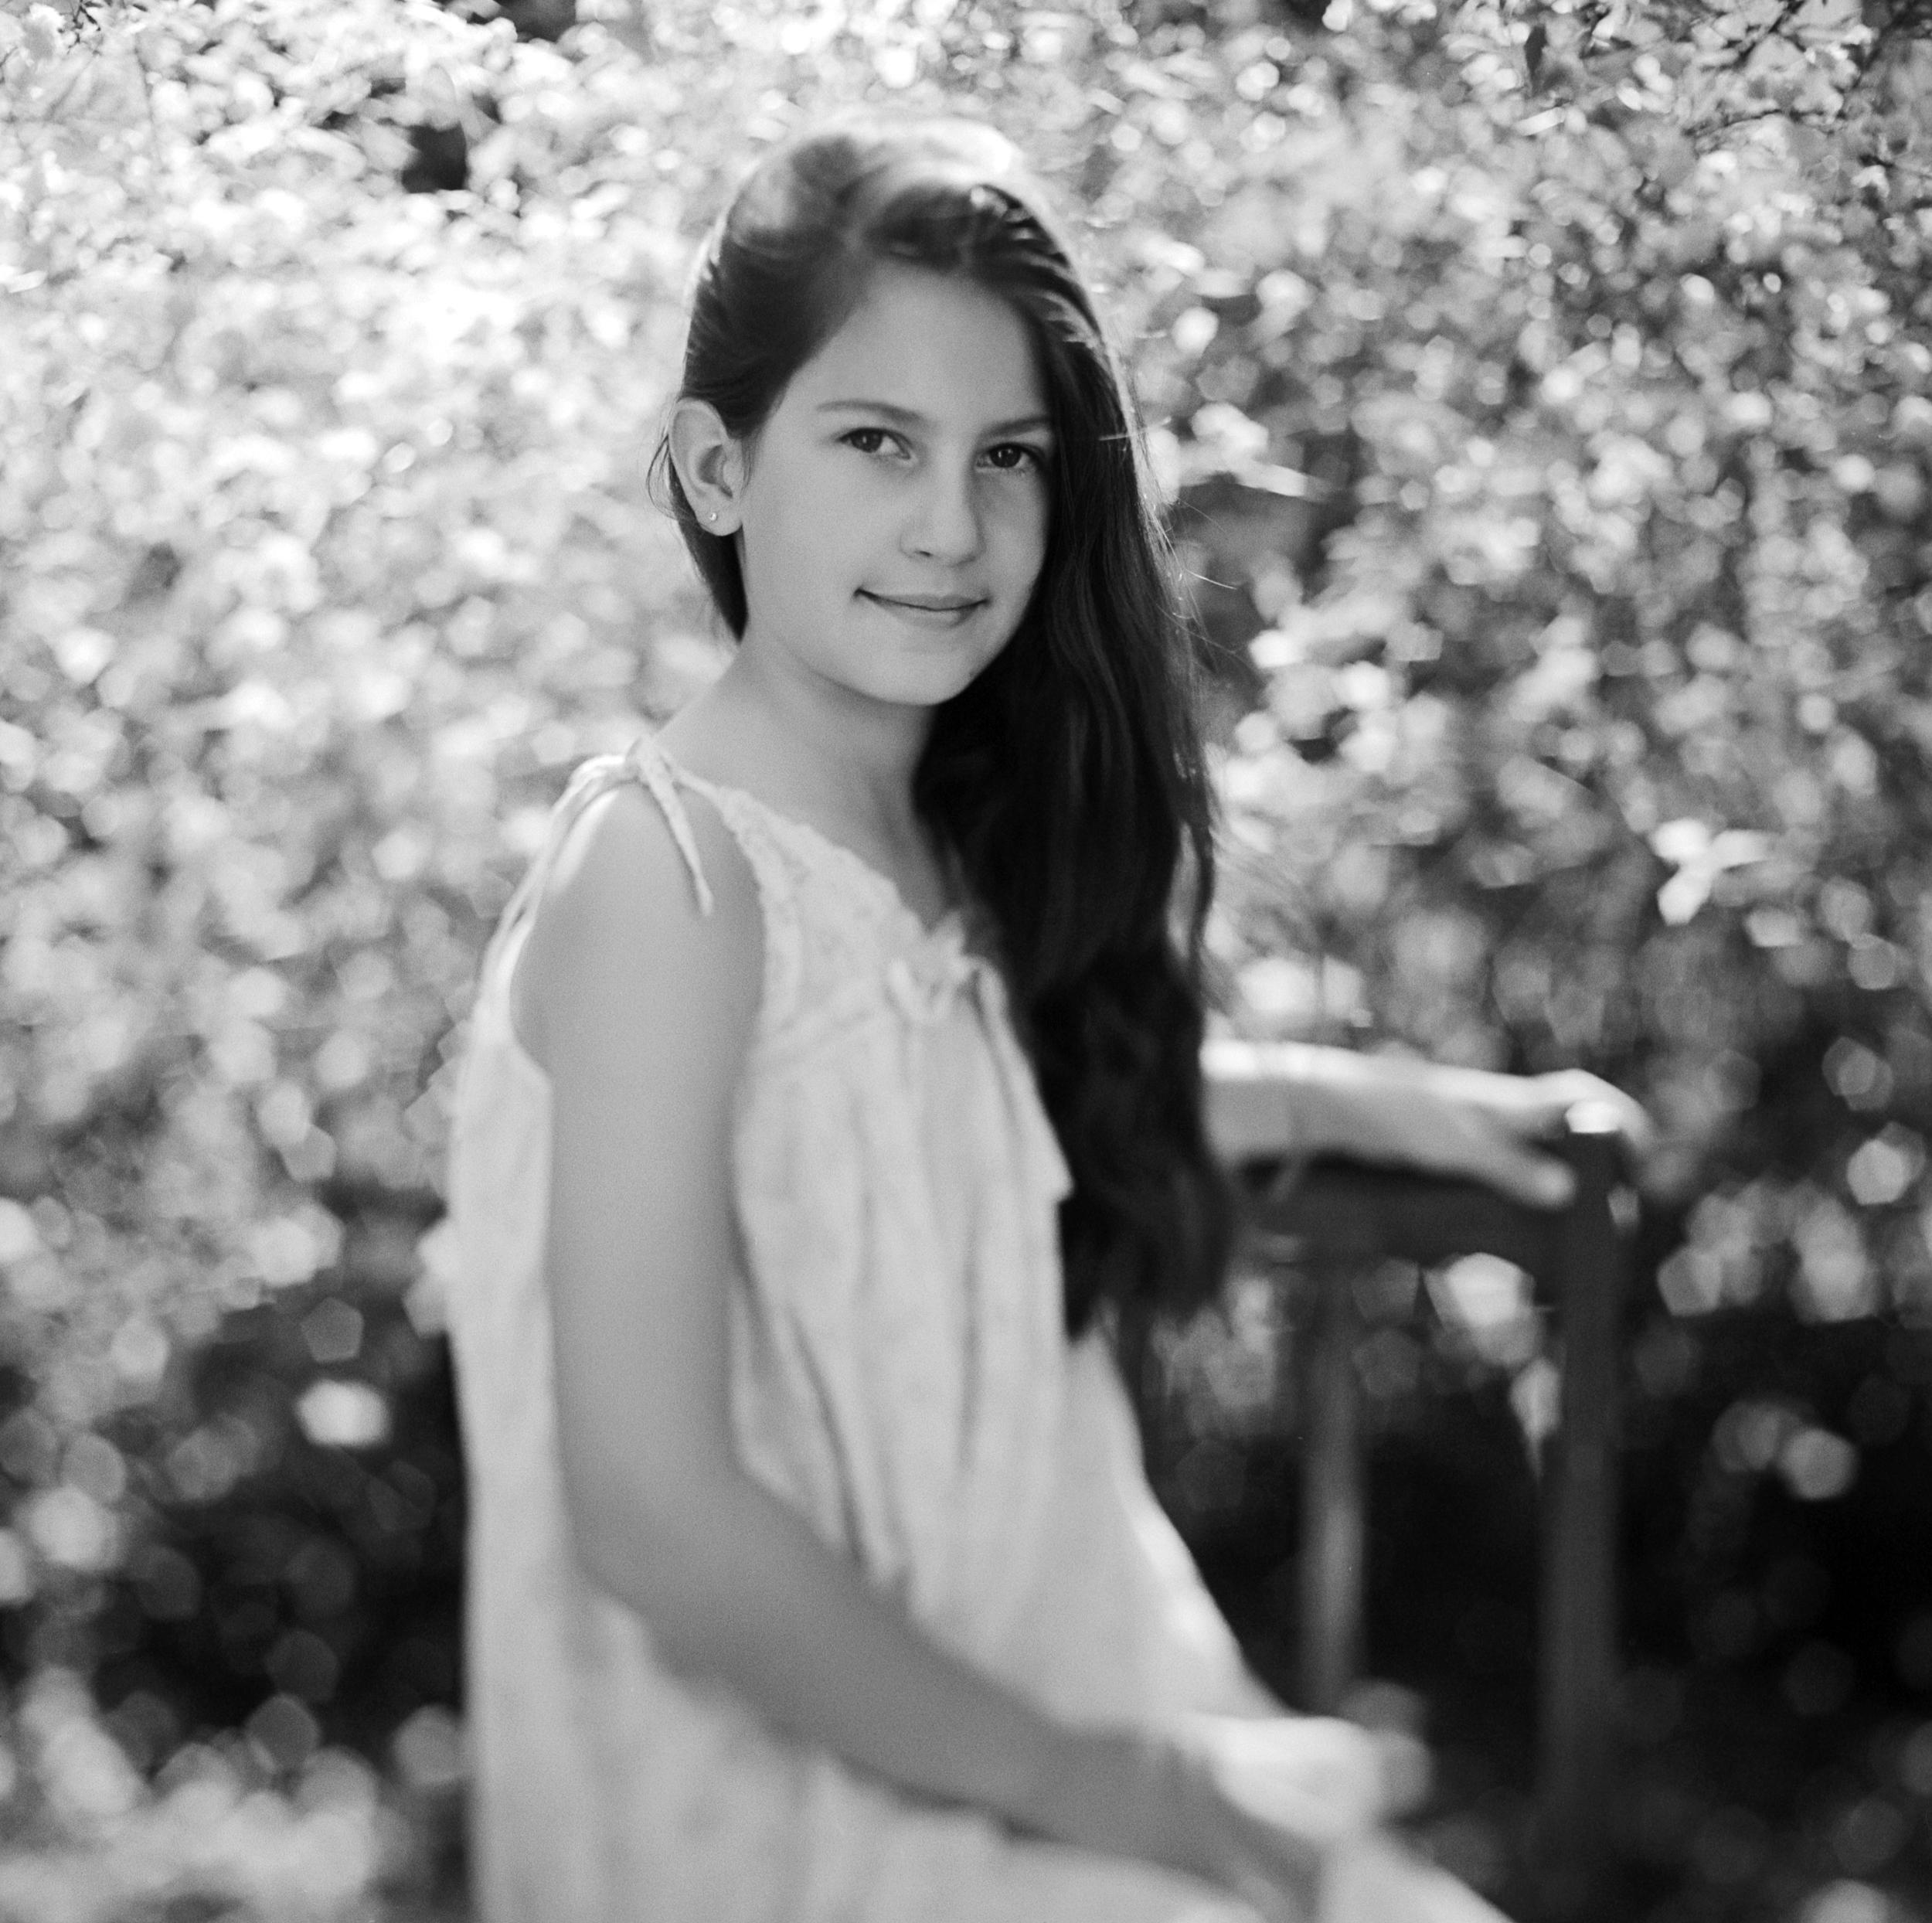 analog-portrait-kinderfamilienportrait- georg schmidt fotograf aus aschaffenburg-trix400-mittelformat-gefühlvolle bilder-schwarzweiss-kunstvolle fotografie.jpg